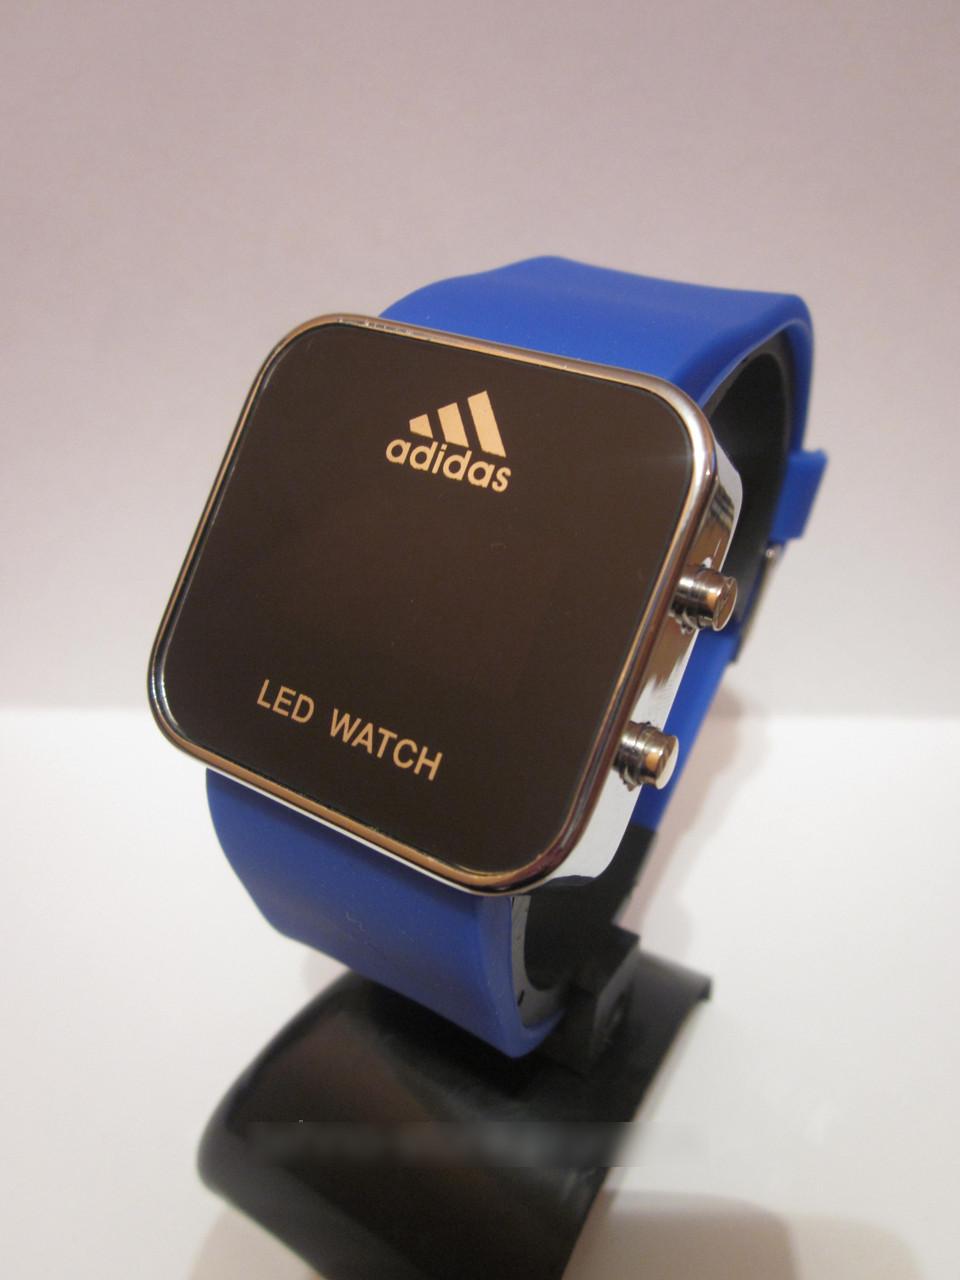 Часы наручные Adidas Led Watch, наручные часы Адидас - Профприбор Украина в Киеве